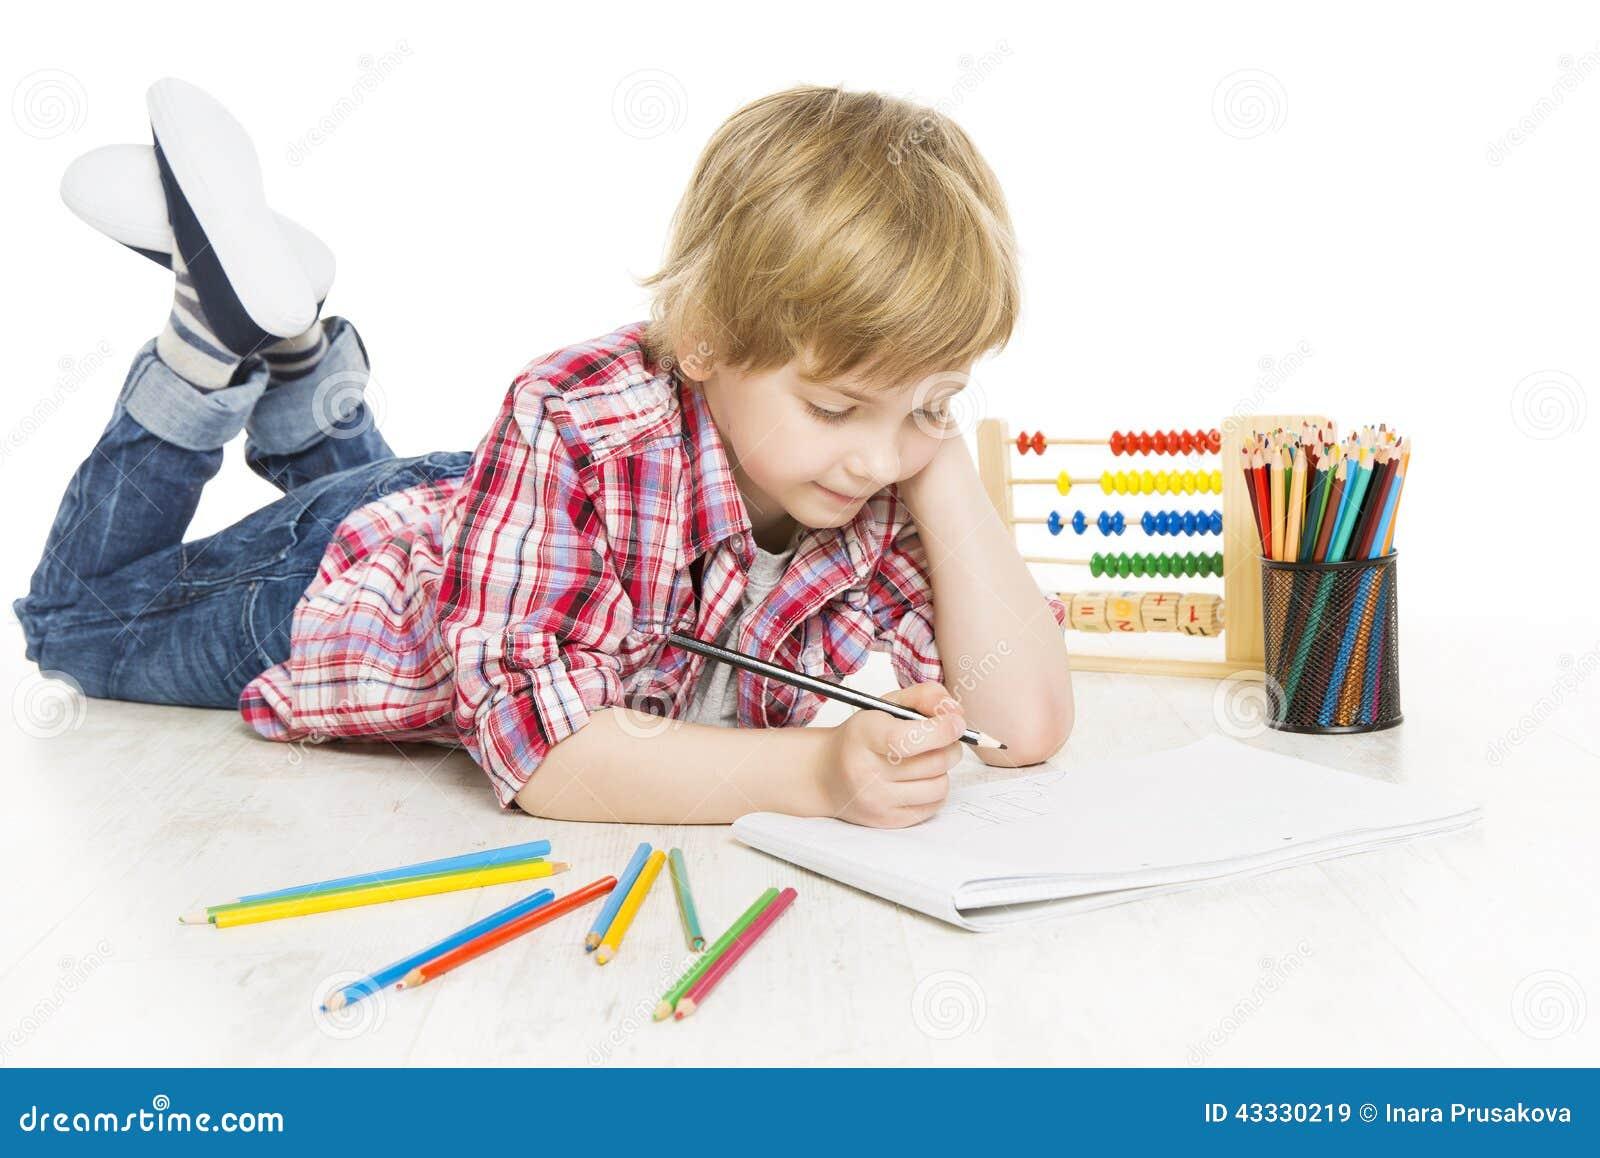 Тренировка сочинительства школьника в тетради Школьник делает домашнюю работу